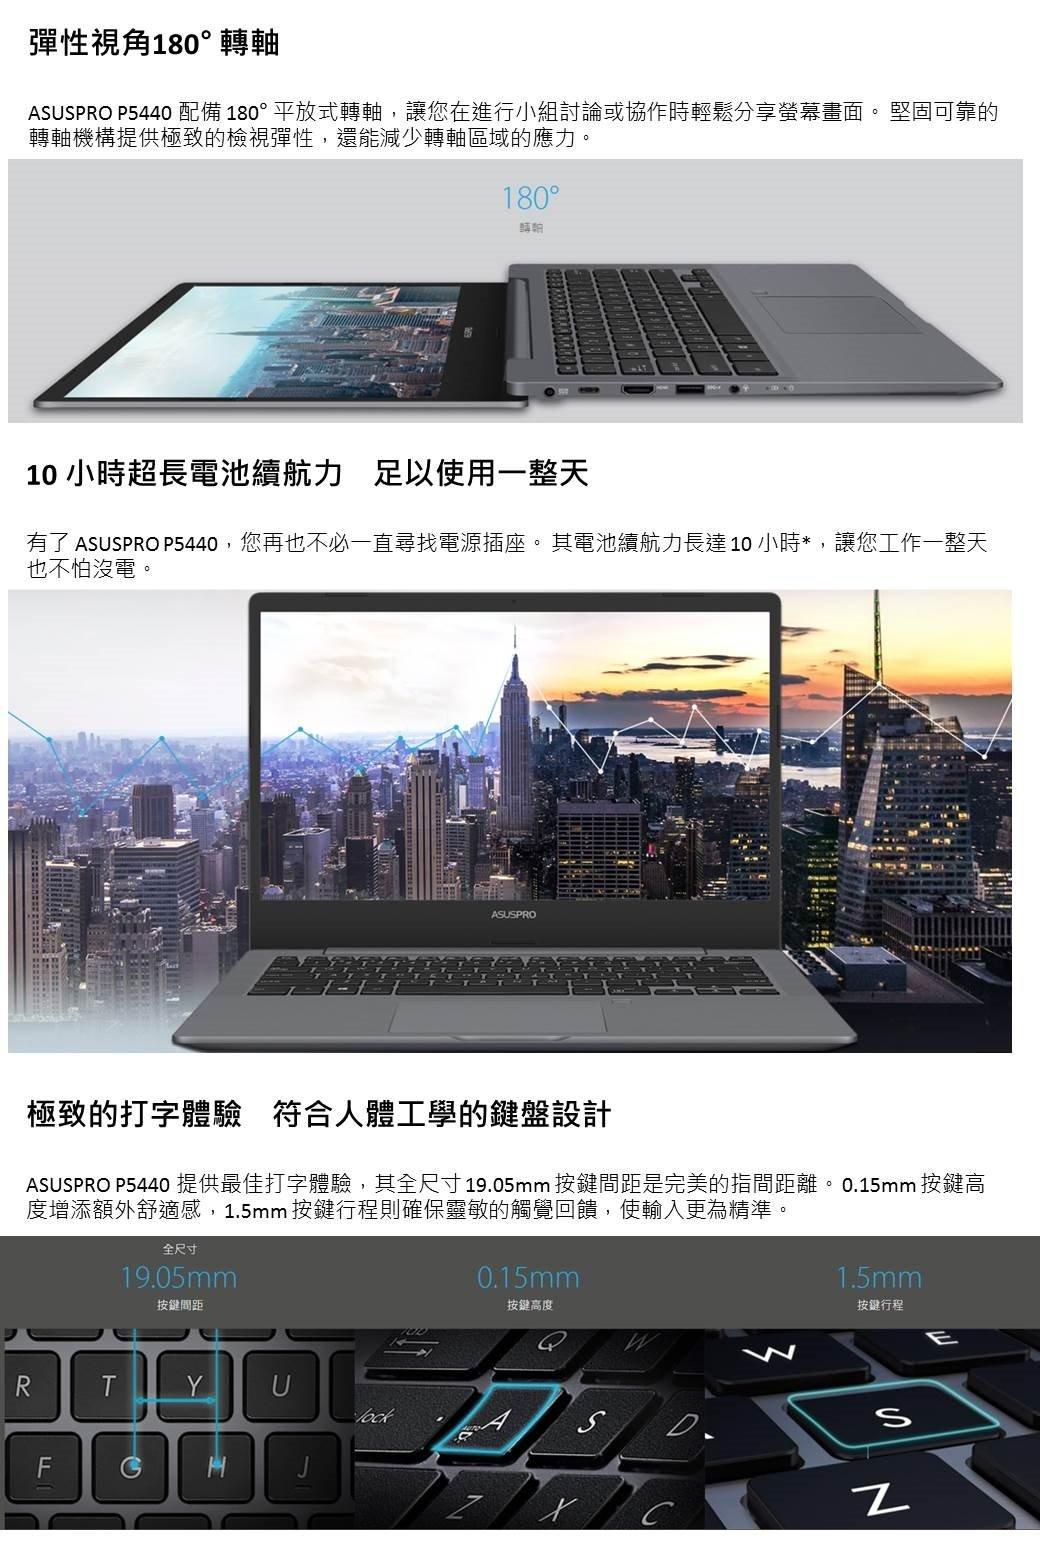 華碩 ASUS ASUS P5440FA-0061A8265U 14吋商用筆電(i5-8265U/8G/1TB+256G/Win10 Pro )【送Office365】 | 良威商城3C數位購物網 - Rakuten ...